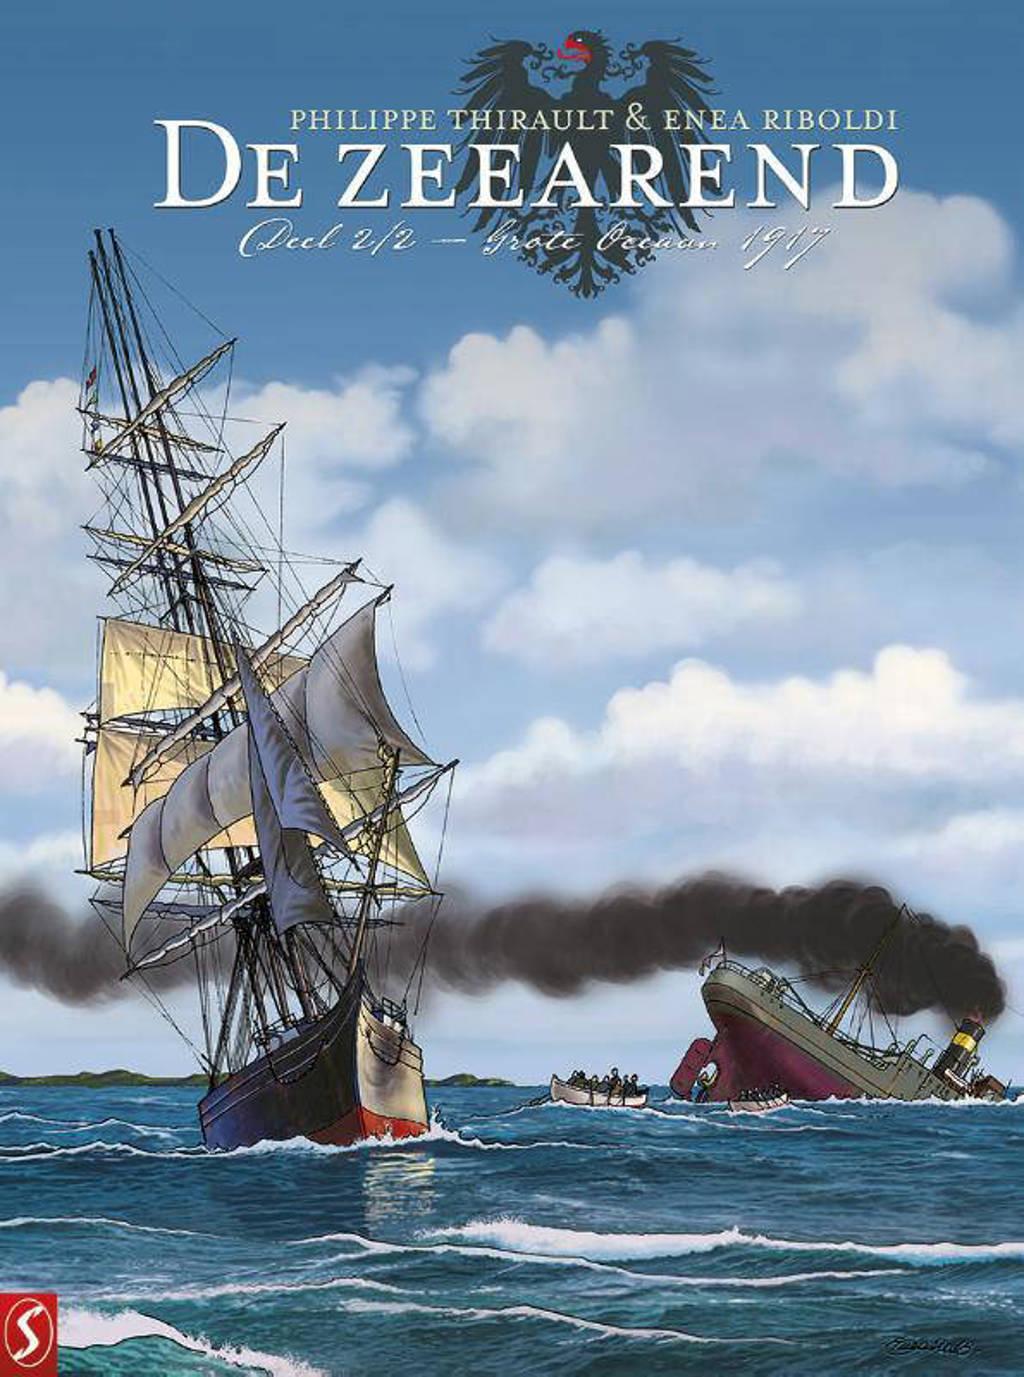 De Zeearend: Grote Oceaan 1917 - Philippe Thirault en Enea Riboldi